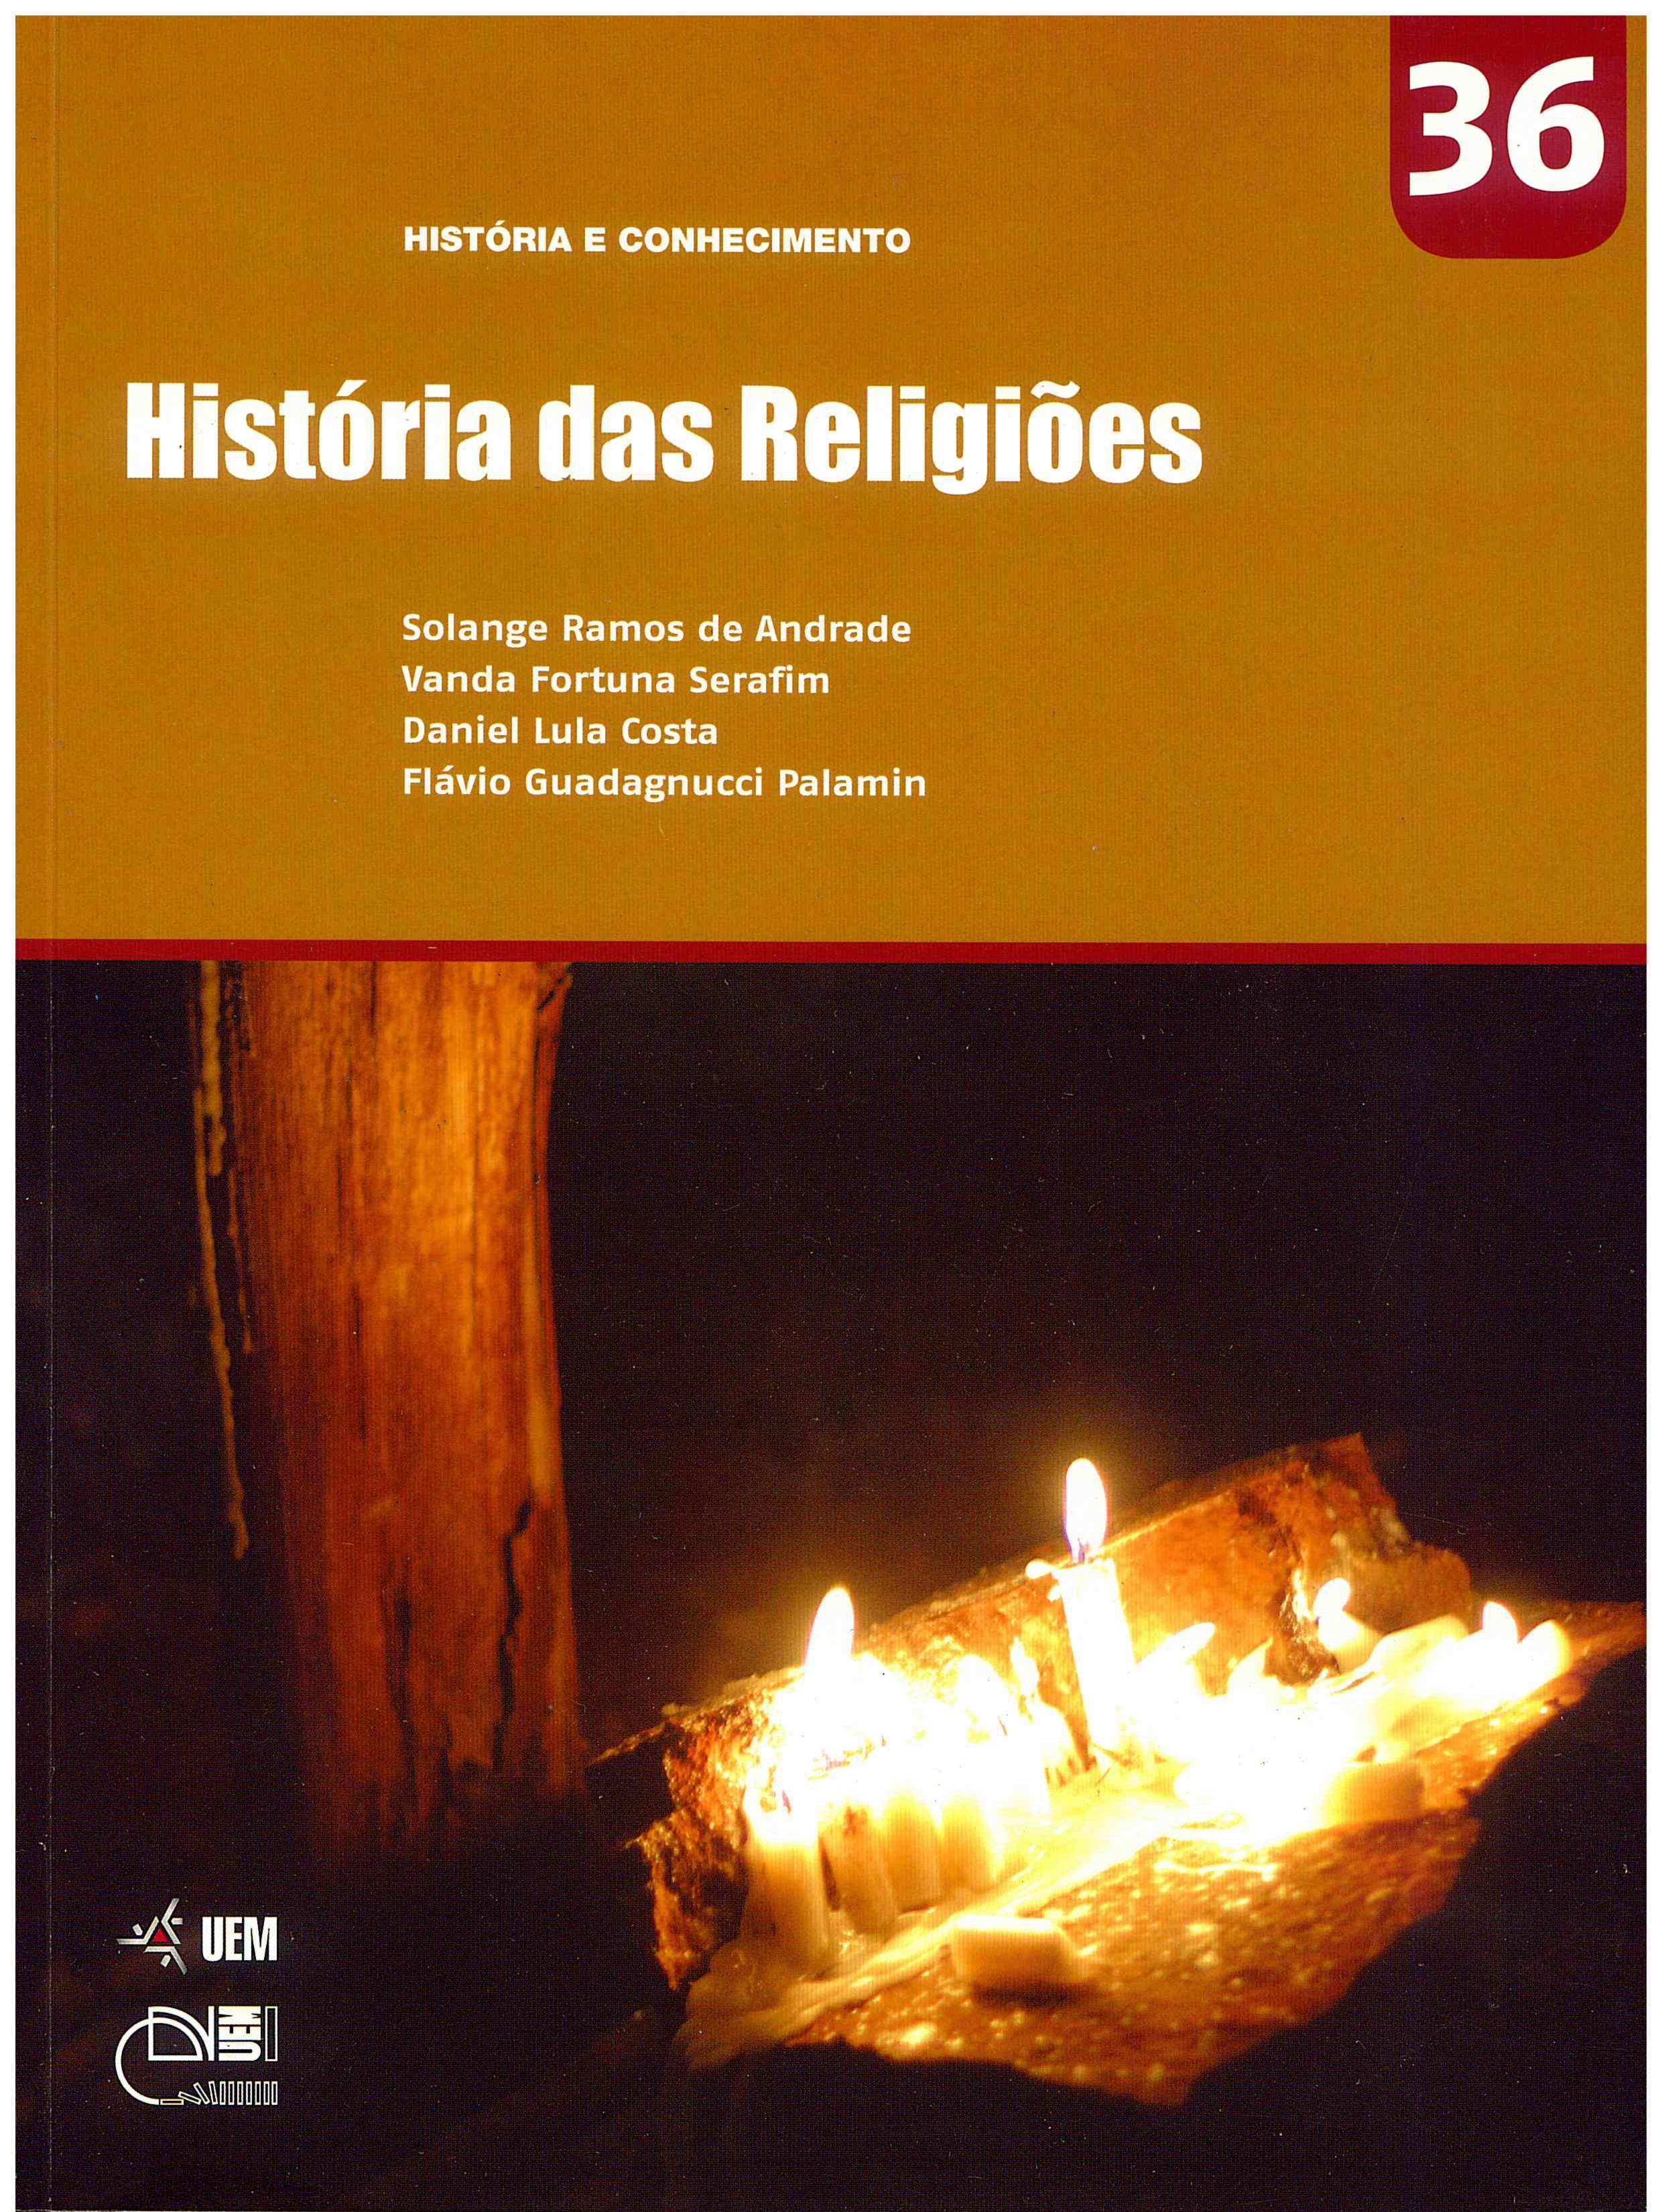 ANDRADE, S. R.; SERAFIM, V. F.; COSTA, D. L.; PALAMIN, F. G. História das religiões